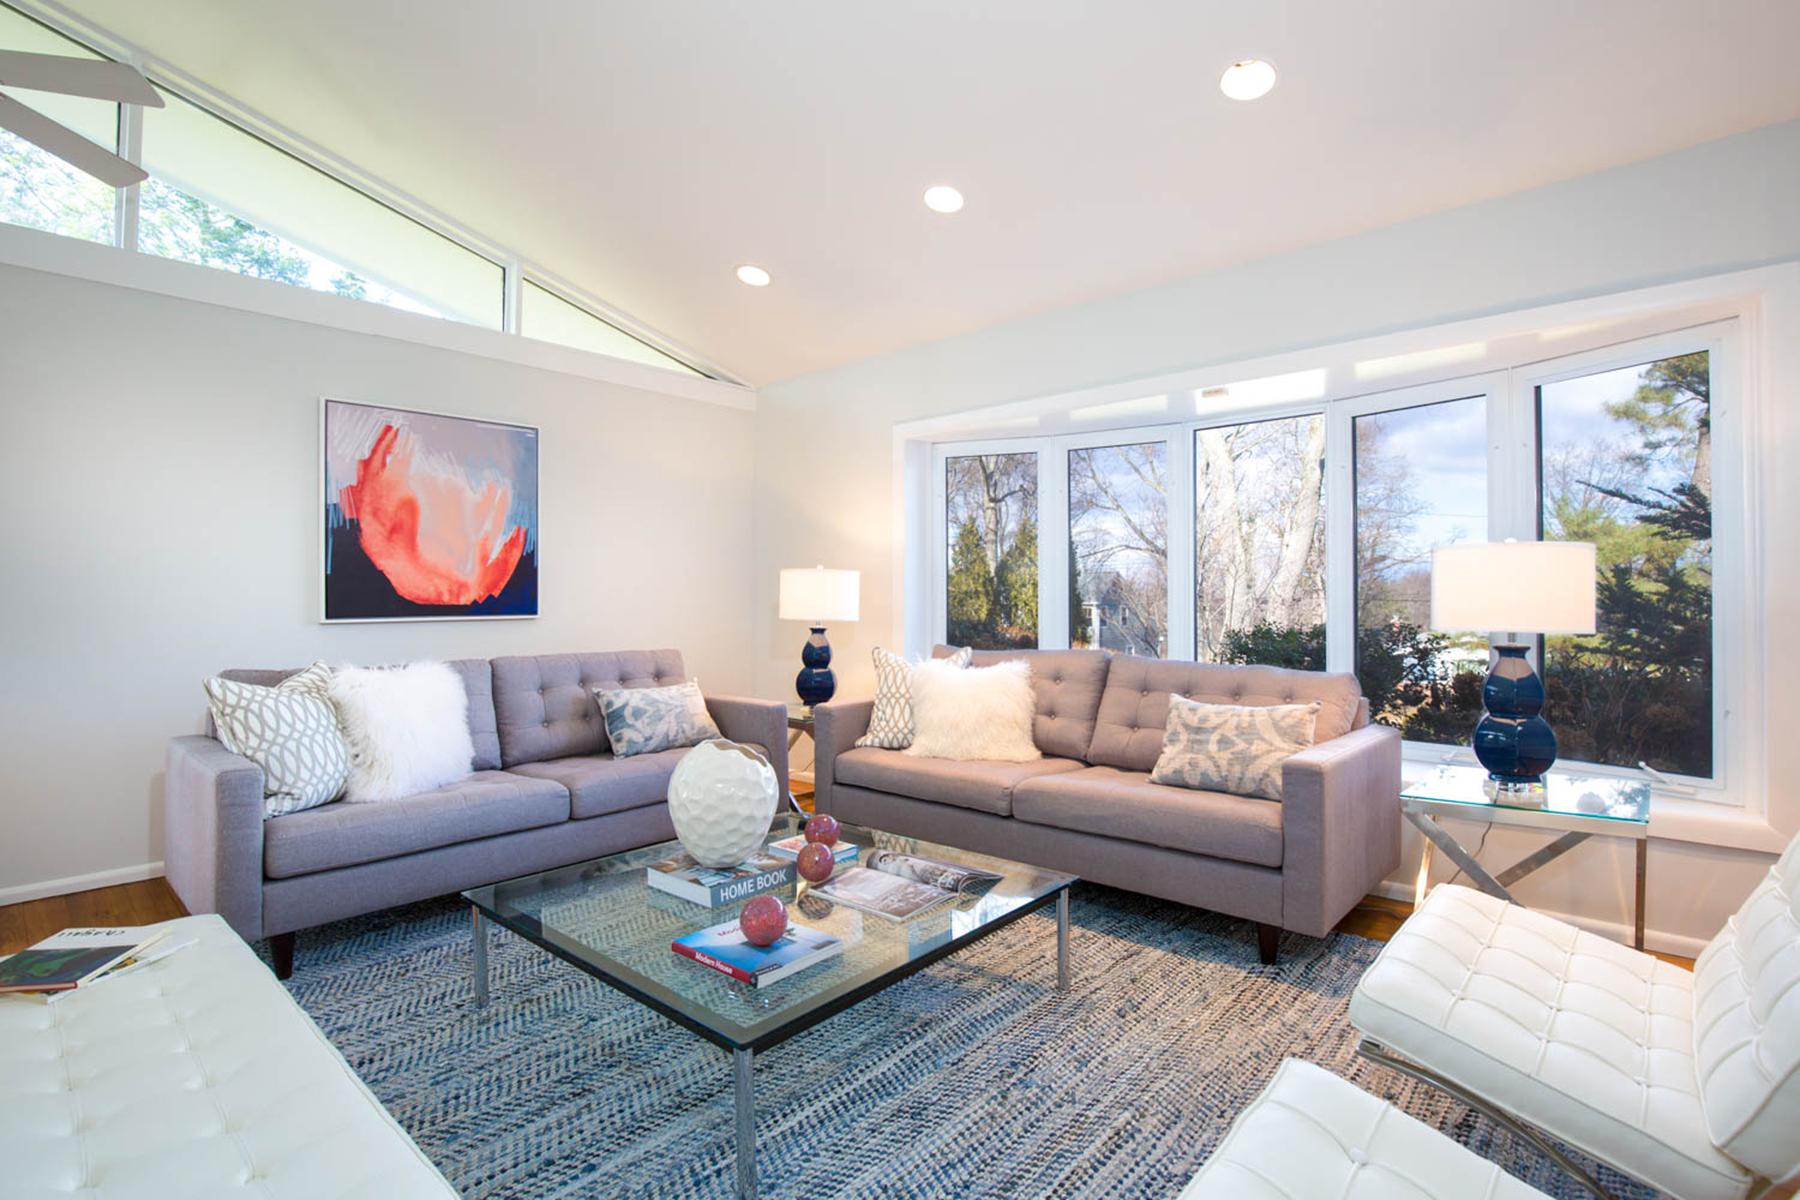 独户住宅 为 销售 在 Beautifully Updated Home 6 Leone Close, 斯卡斯代尔, 纽约州, 10583 美国